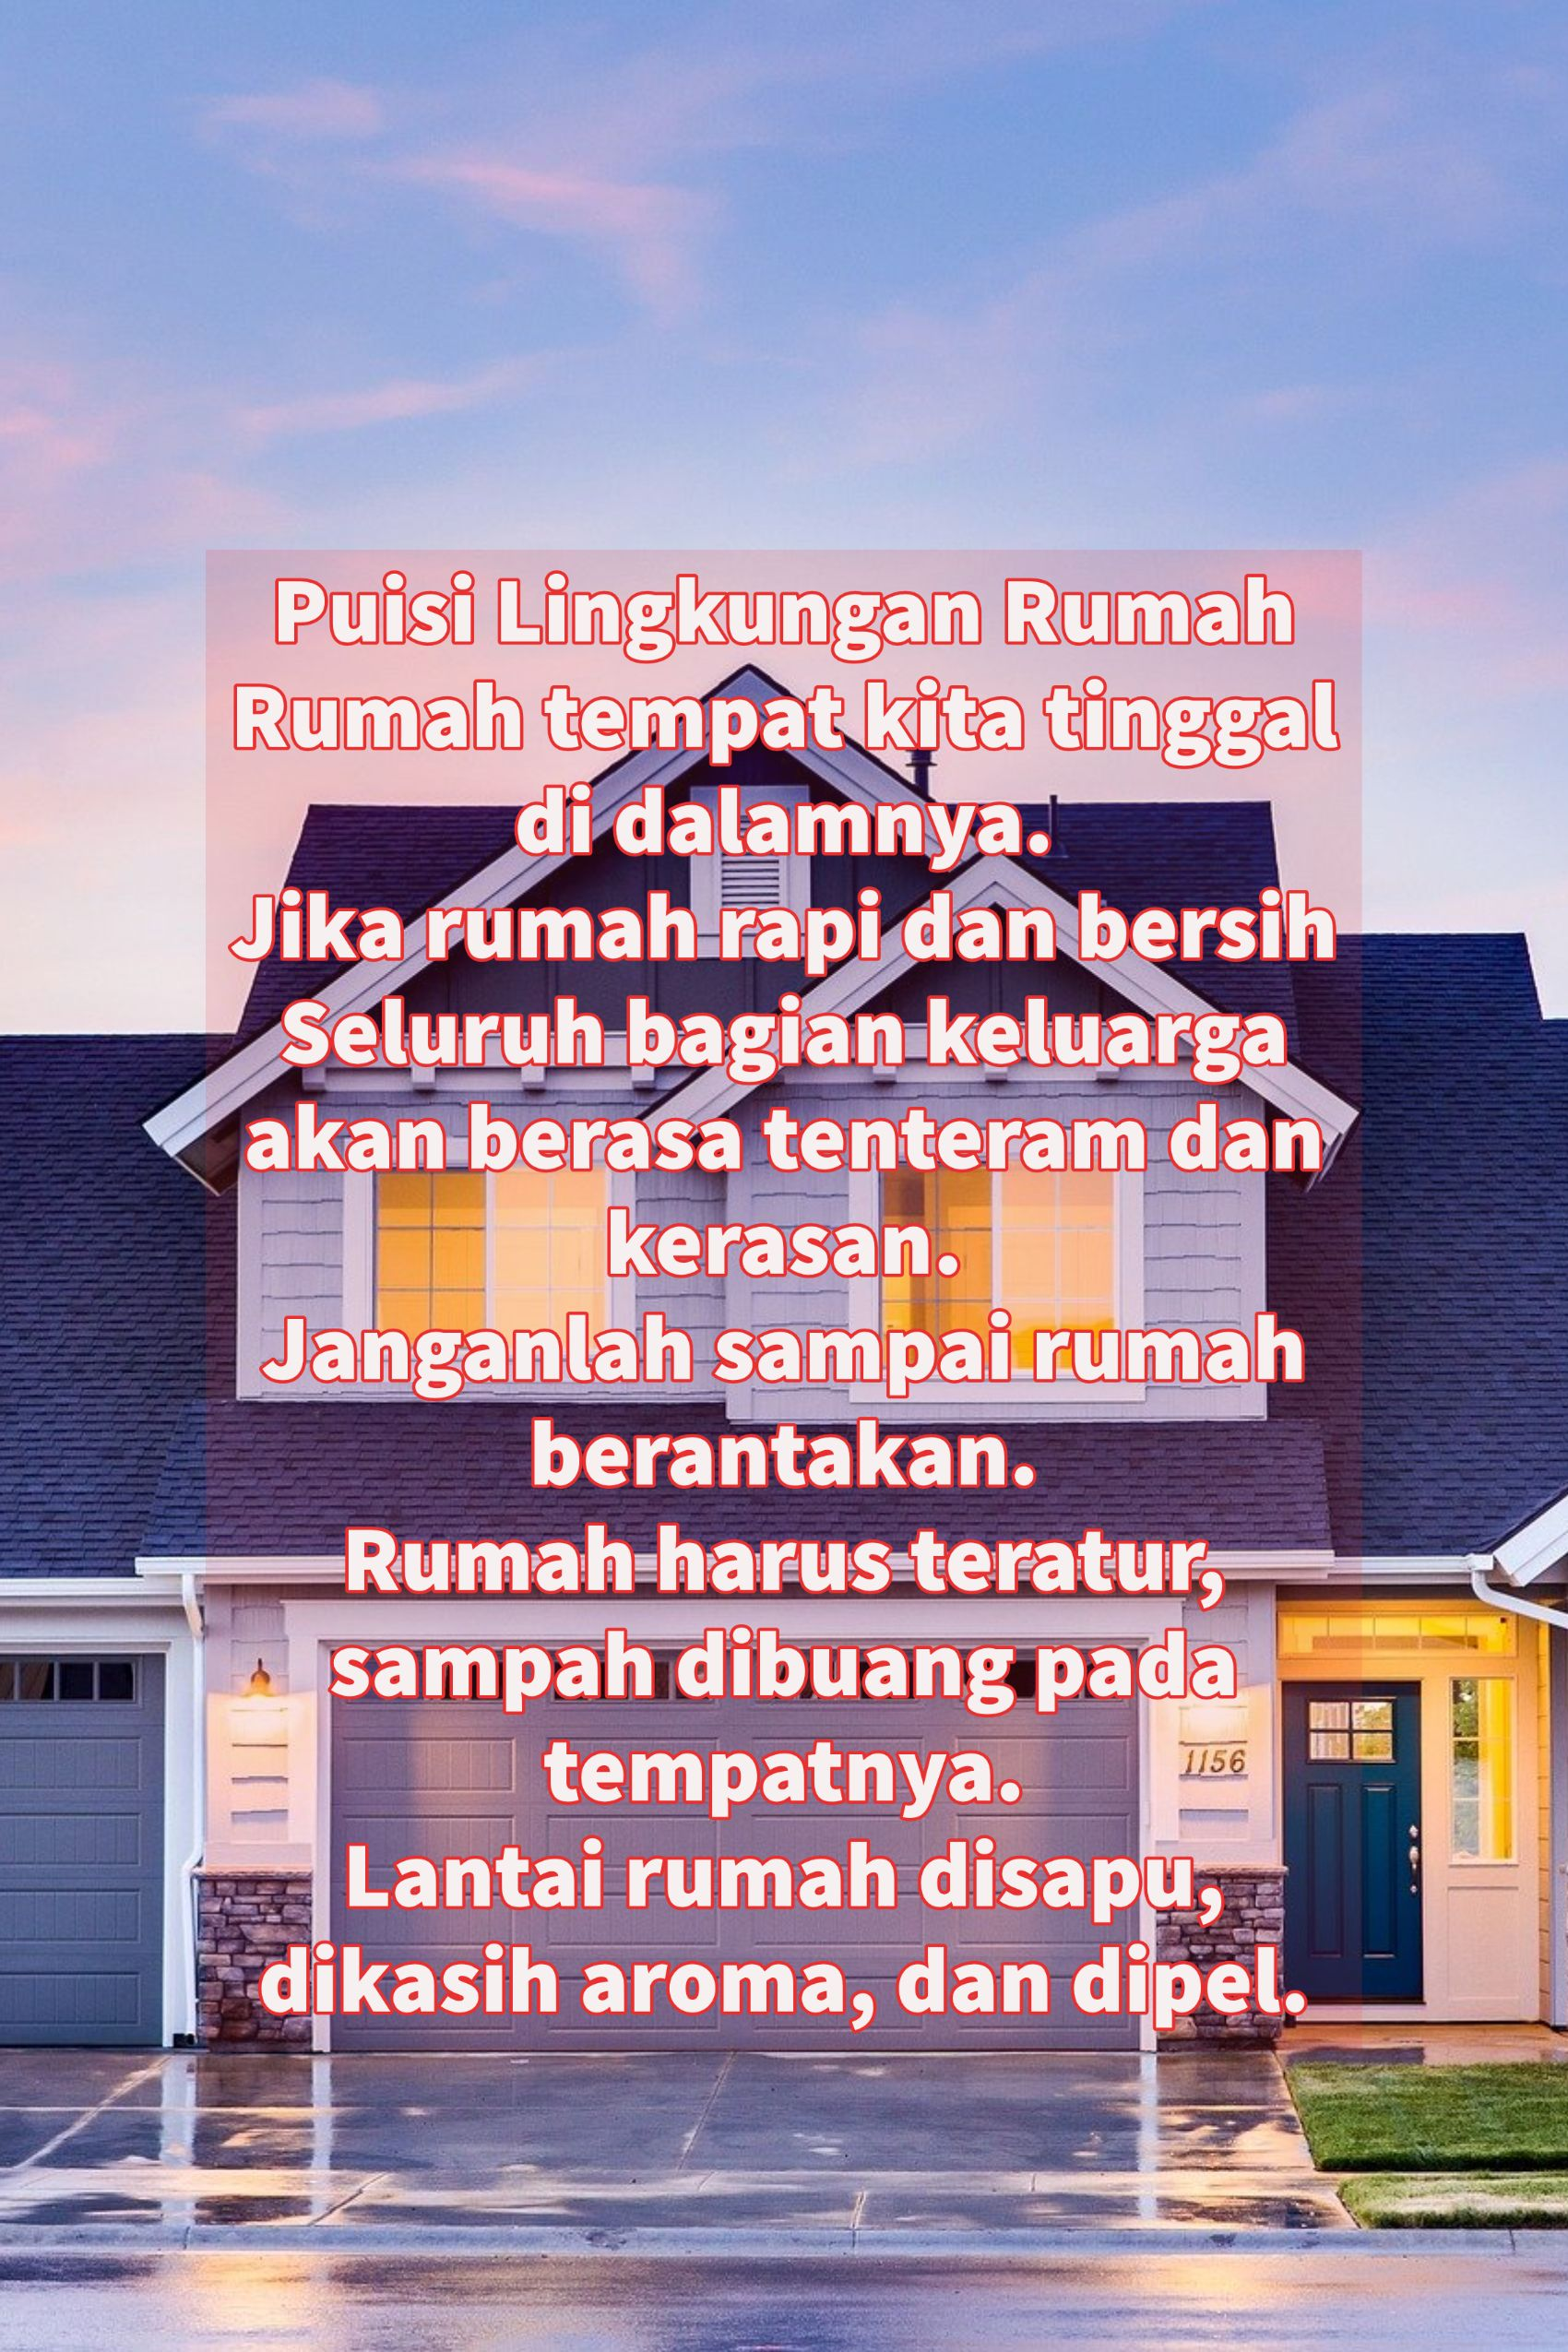 Puisi Lingkungan Rumah Rehat Di 2020 Hidup Real Estate Dalam Bahasa Indonesia